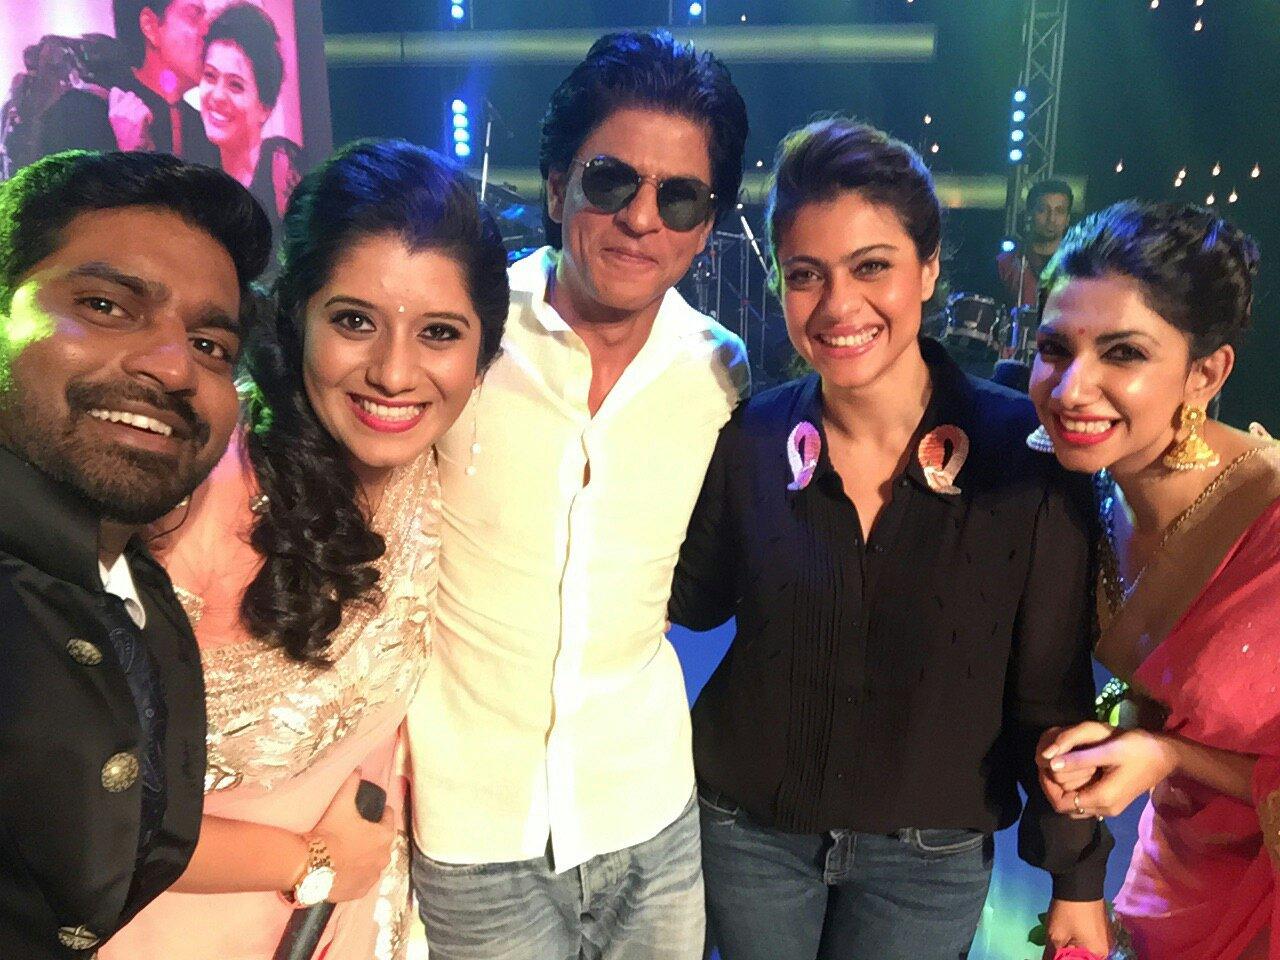 #SRKnKAJOLinSuperSinger.. 😊 #SRKinVijayTV https://t.co/mED2ZwbWlf